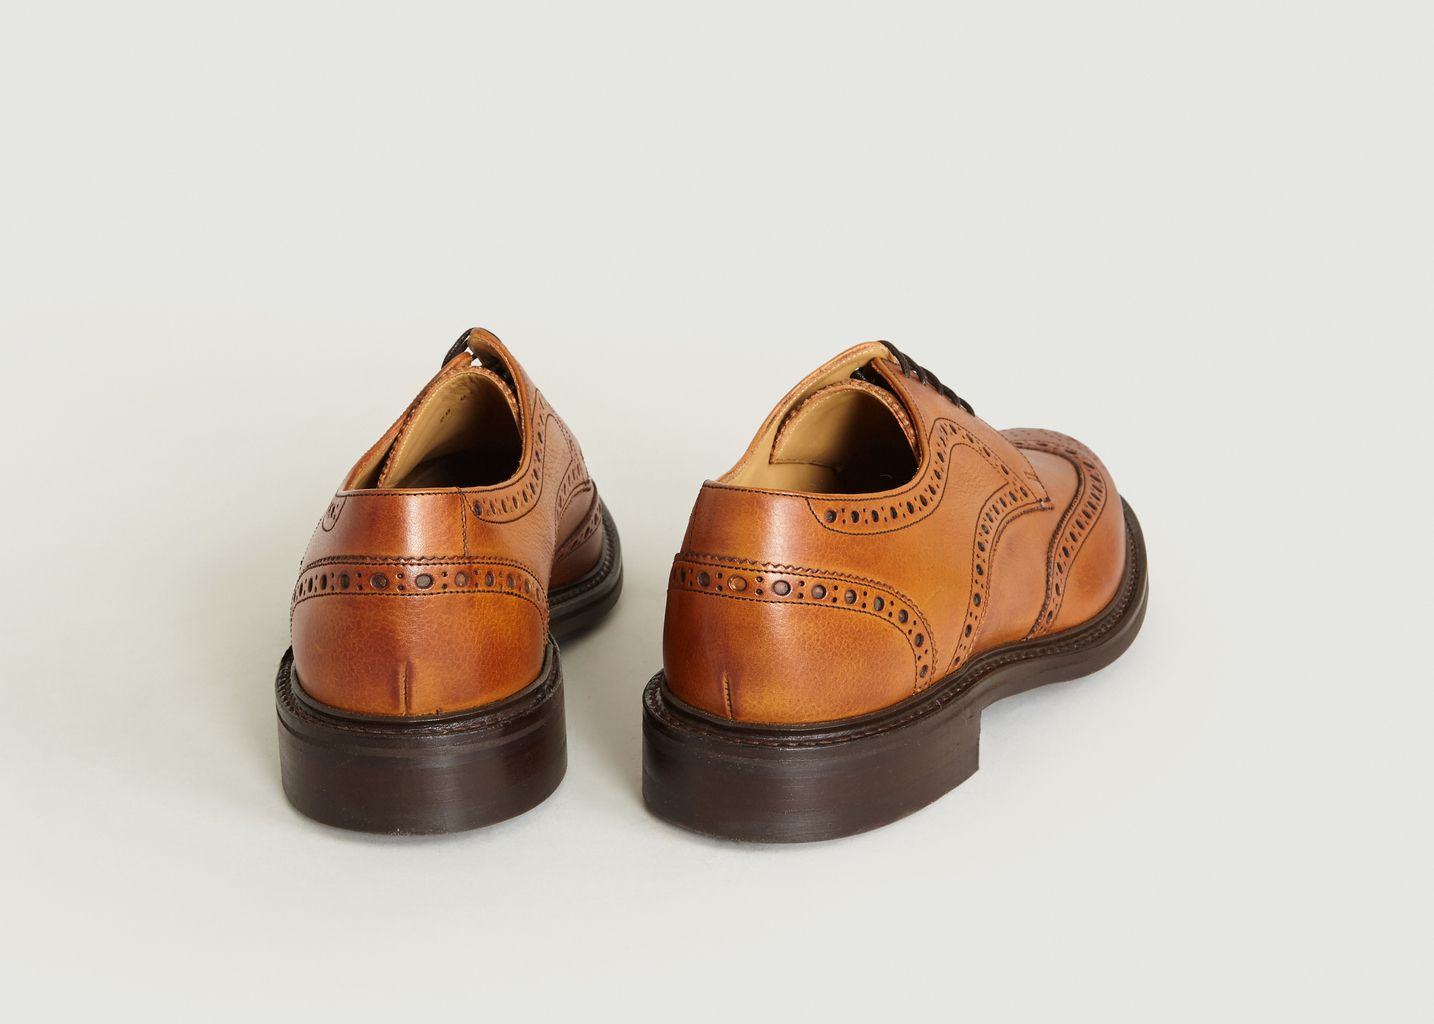 Derbies Grassington - Barker Shoes